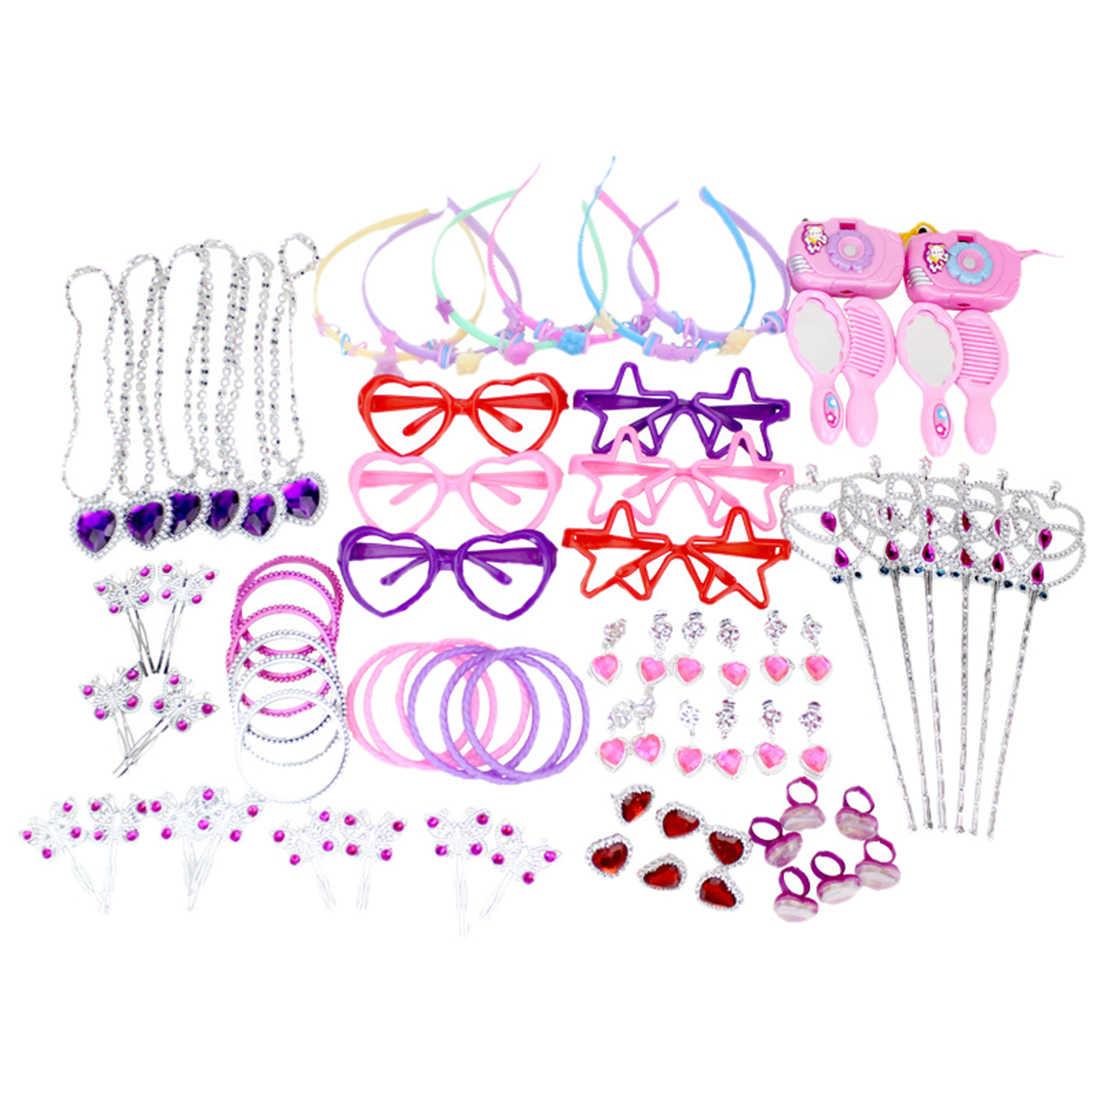 Дропшиппинг 72 шт./компл. Девочка День рождения украшение игрушка набор для все для праздника праздник DIY украшения-12 Тип смешанный